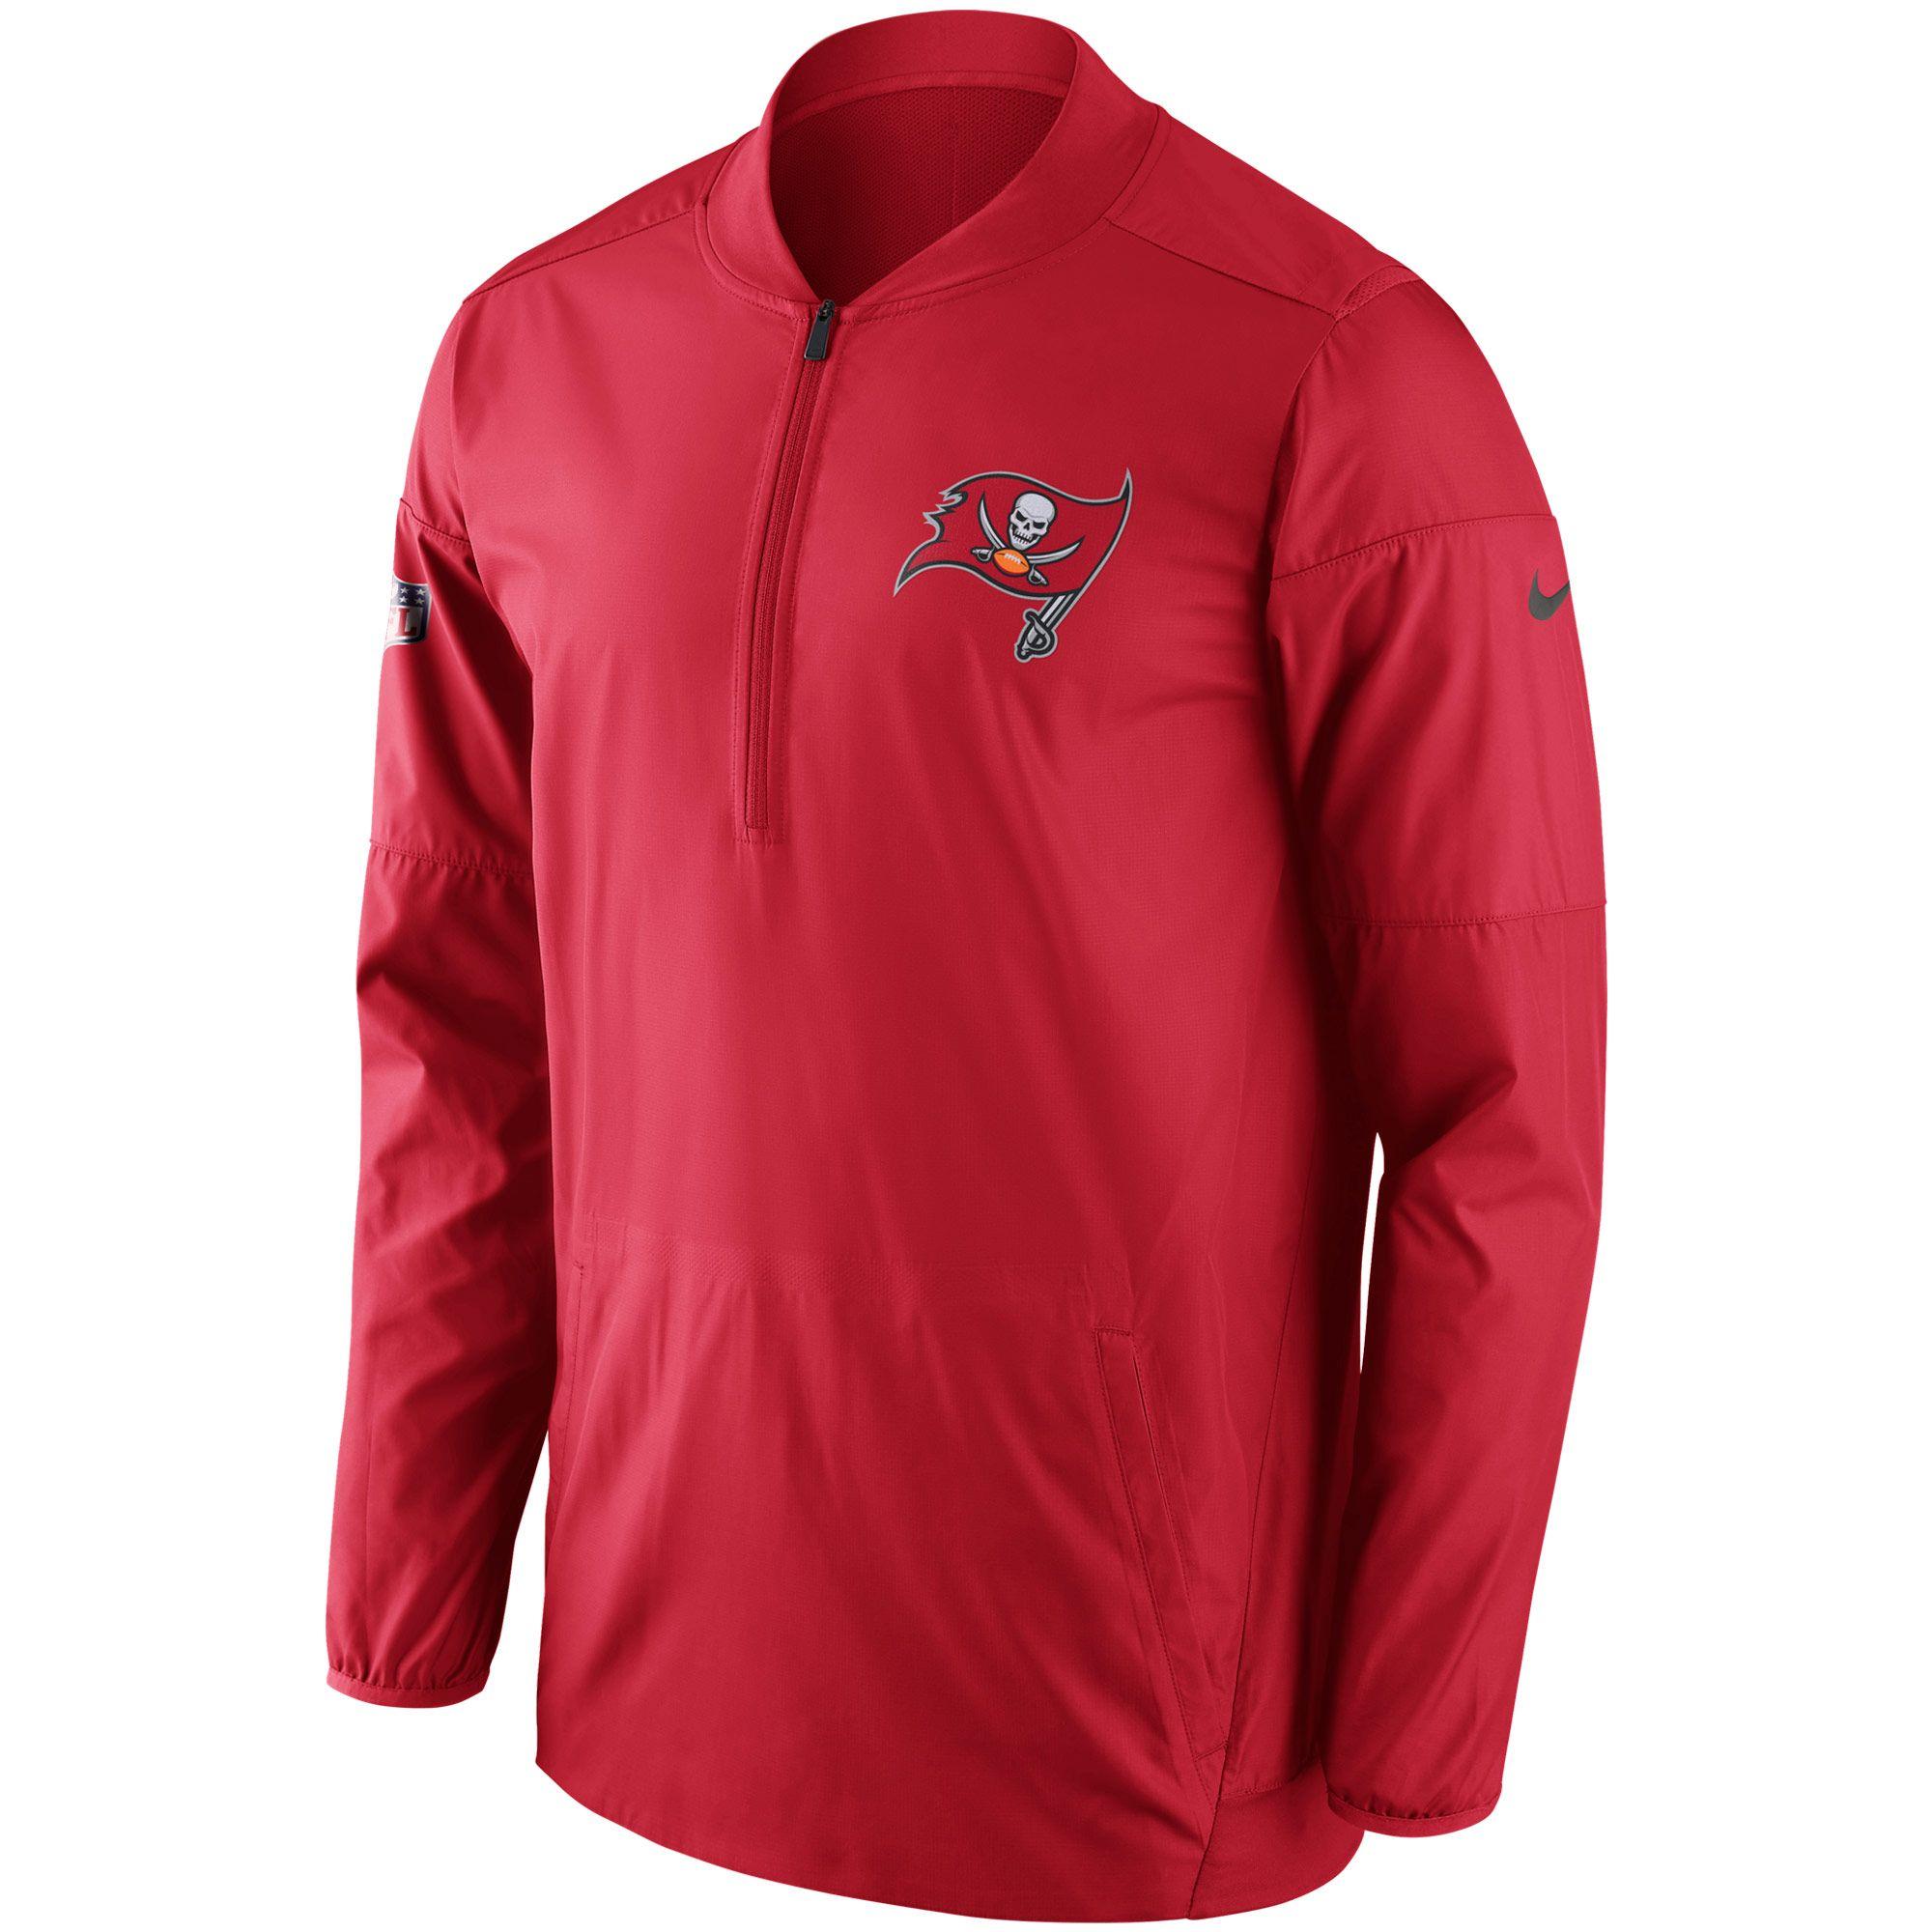 Nike Tampa Bay Buccaneers Red Sideline Lockdown Half-Zip Pullover Jacket